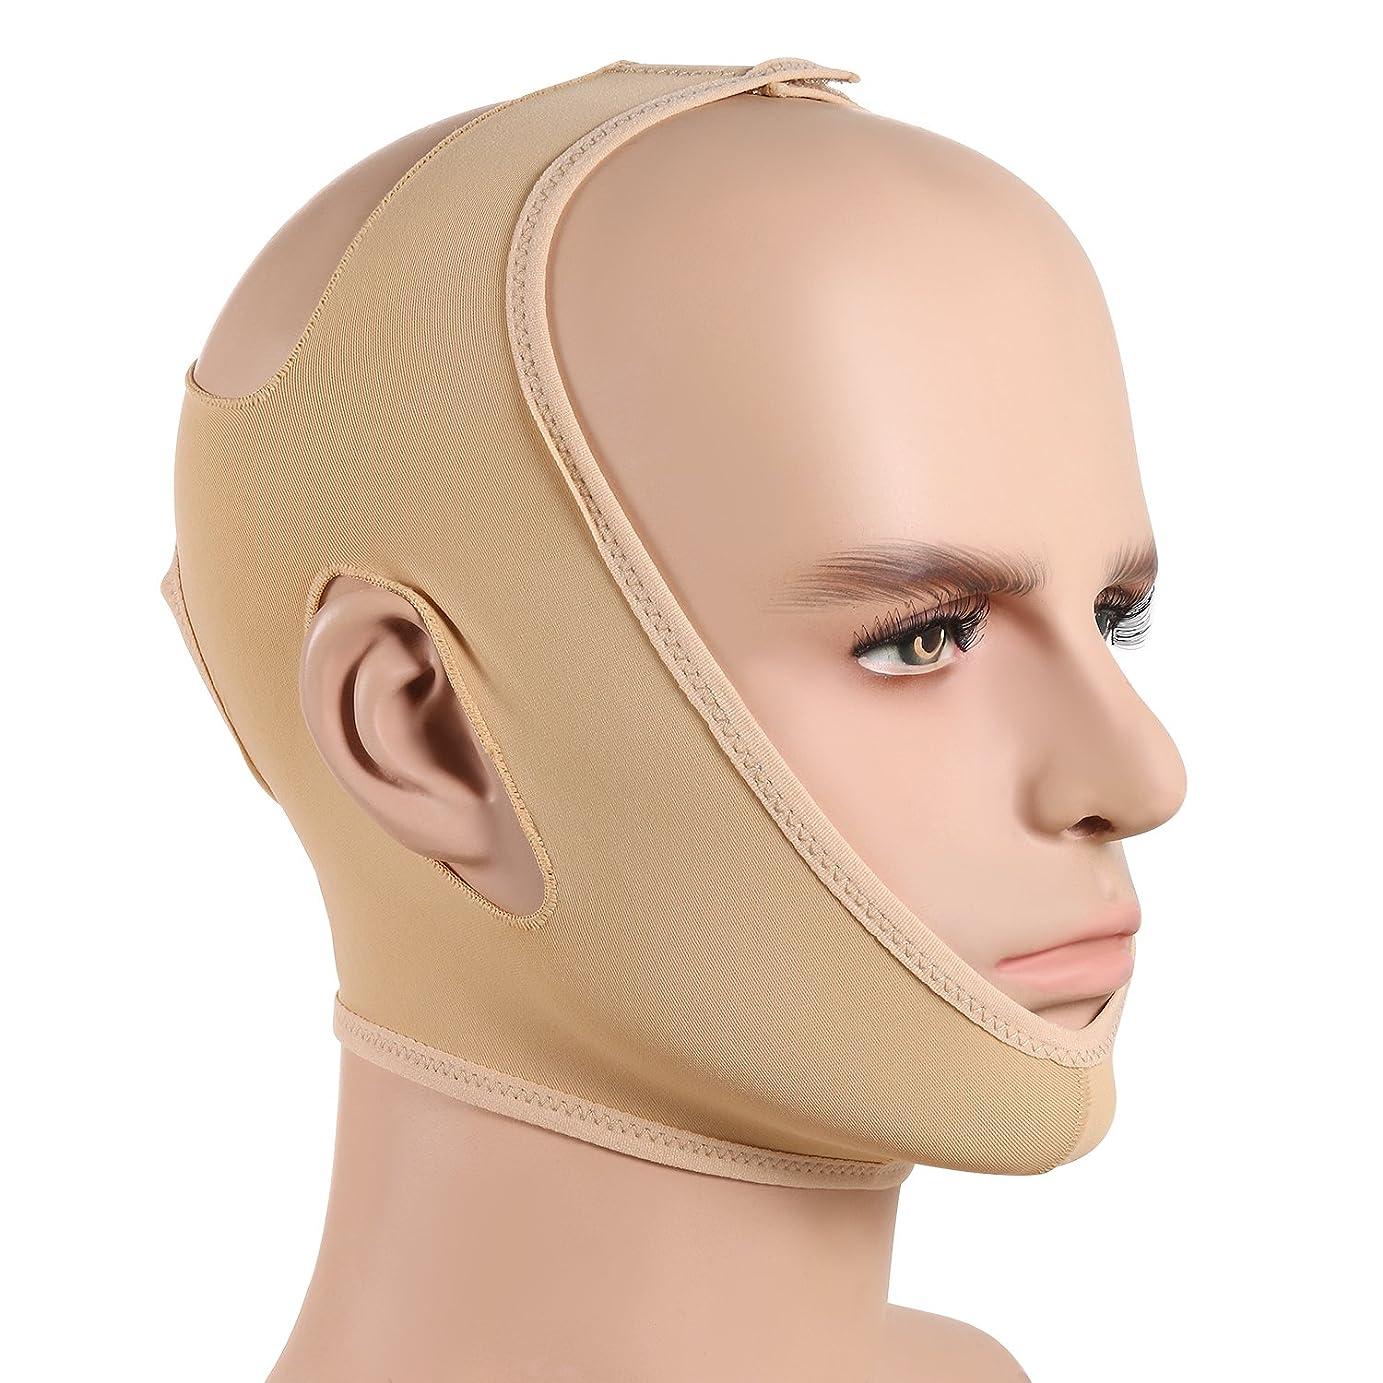 こしょう破滅的な阻害するJewelryWe 小顔ベルト 美顔マスク 眠りながら 小顔 矯正 額、顎下、頬リフトアップ 小顔マスク 男女兼用 Mサイズ